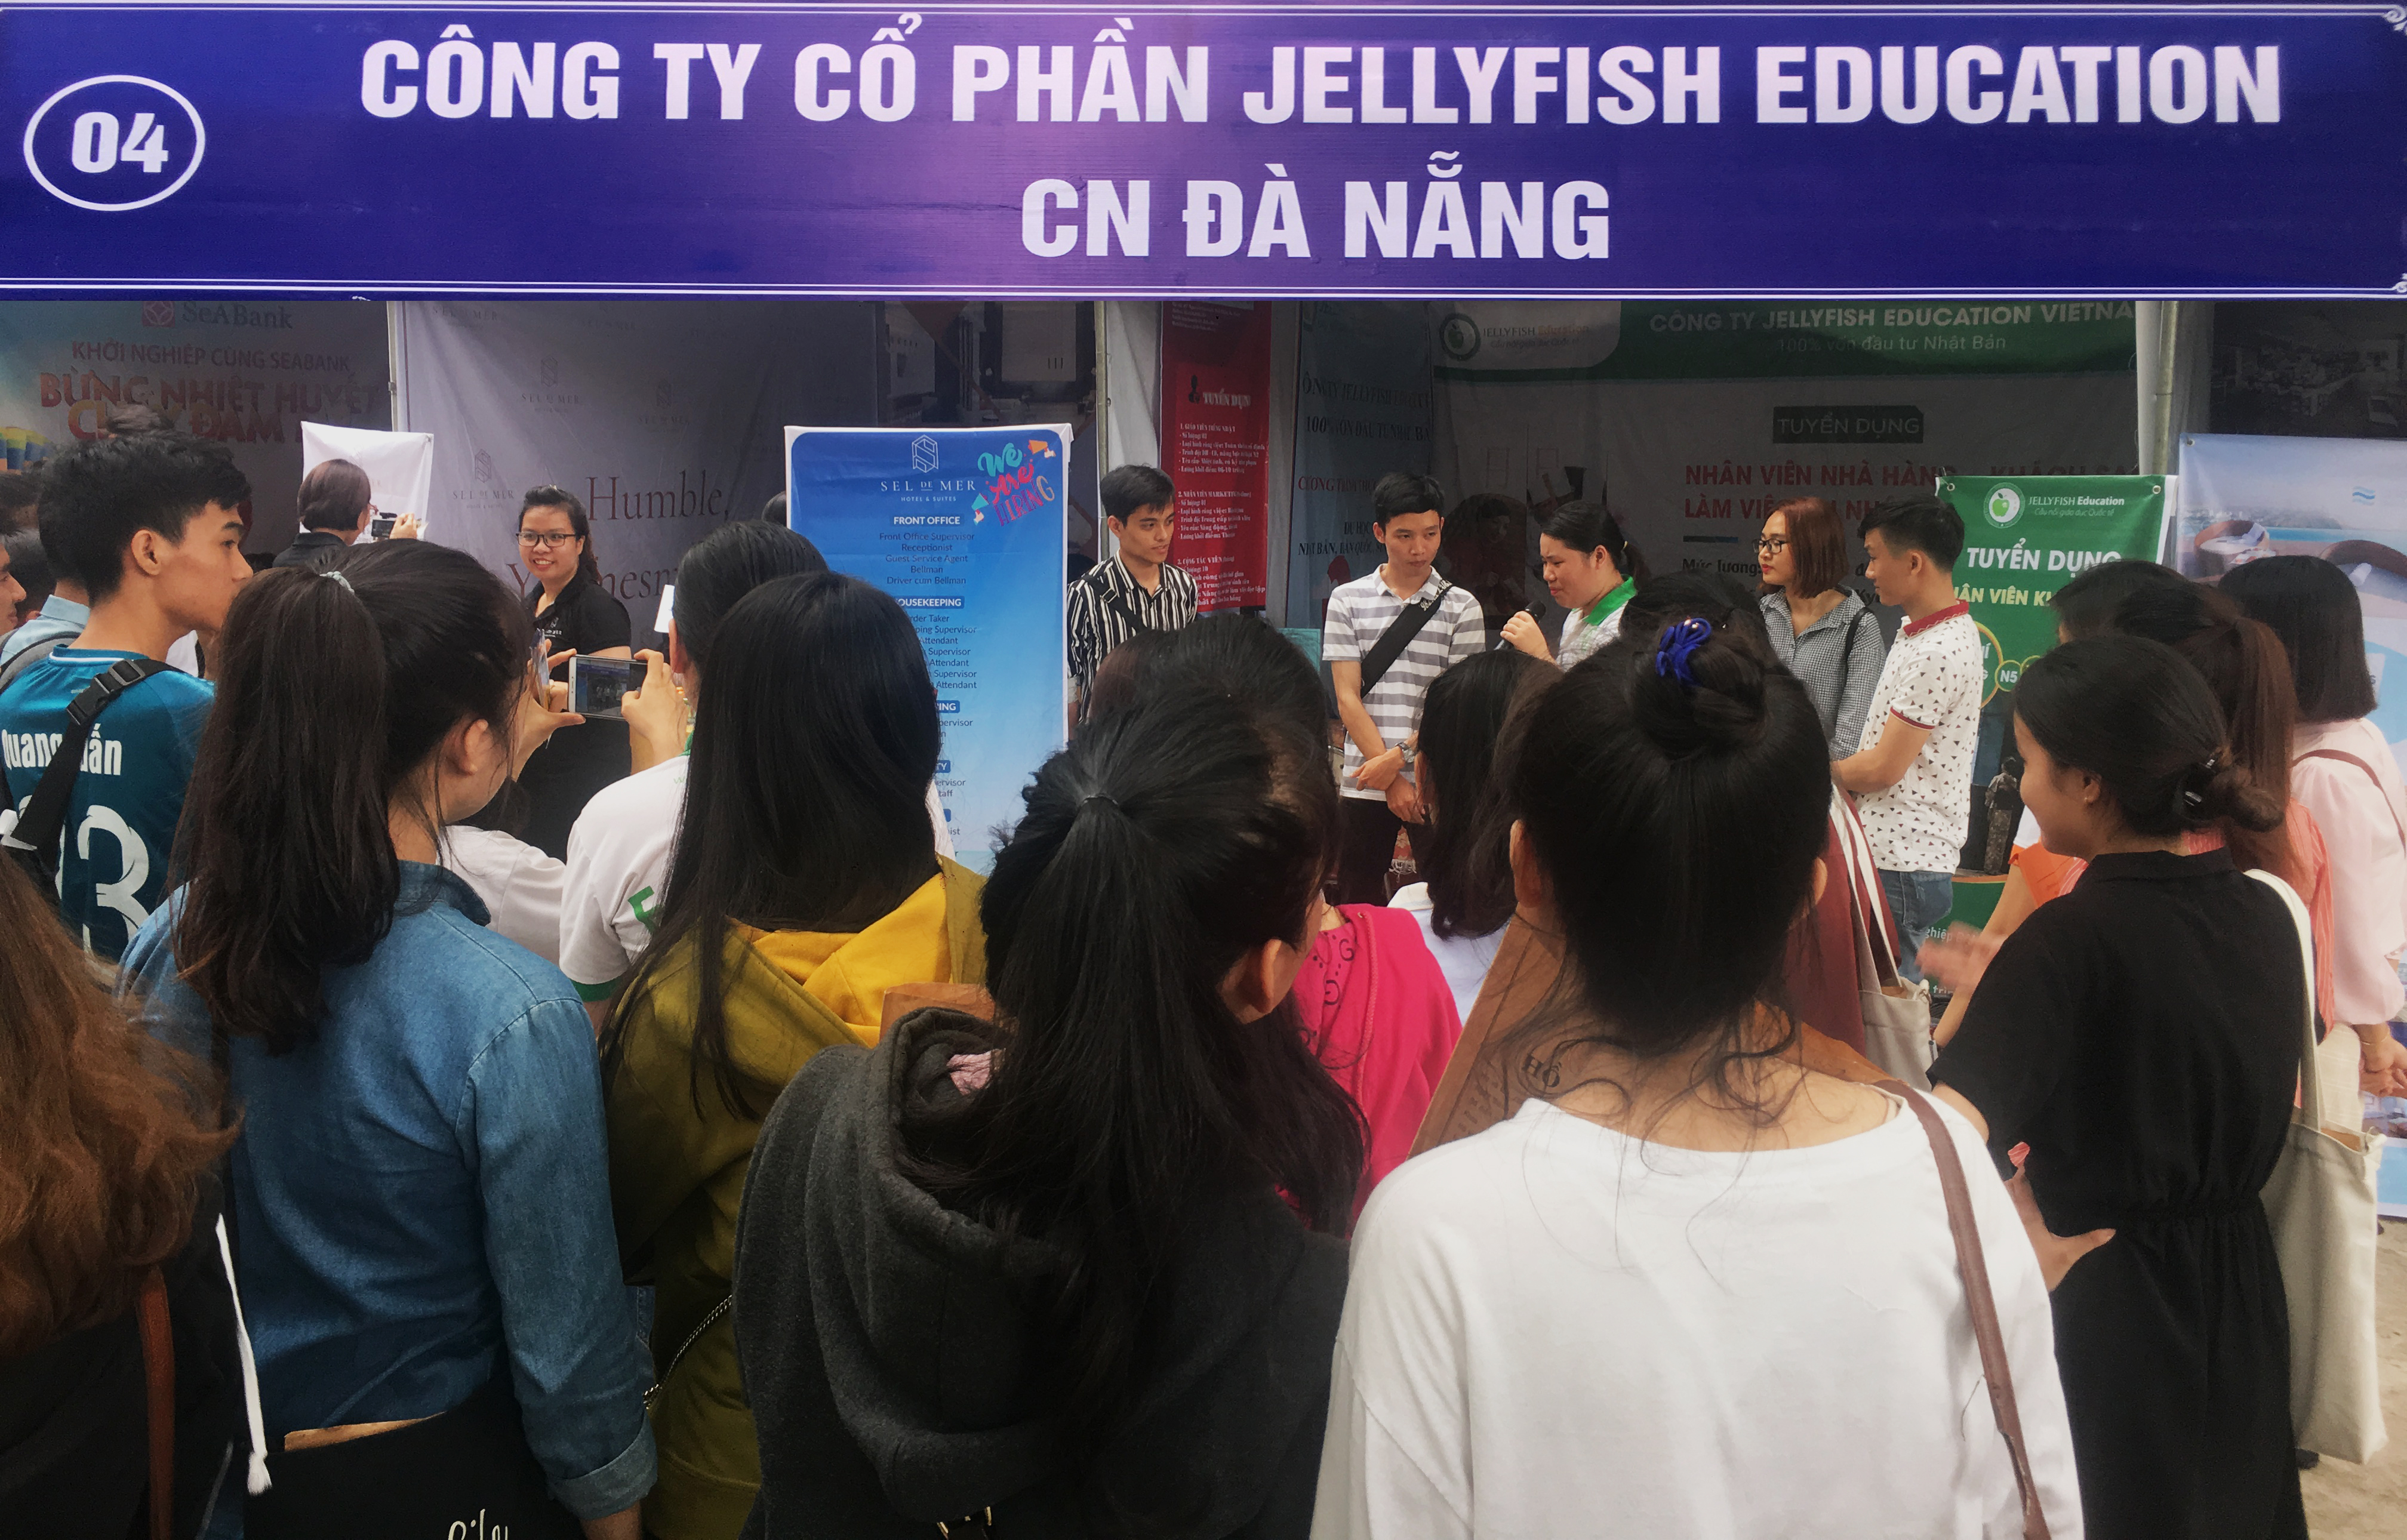 Jellyfish mang đến cho các bạn sinh viên rất nhiều trò chơi cùng những phần quà hấp dẫn như: mũ bảo hiểm, áo mưa, bookmark, voucher, bút bi, sổ tay, móc khóa,… - Ảnh 1